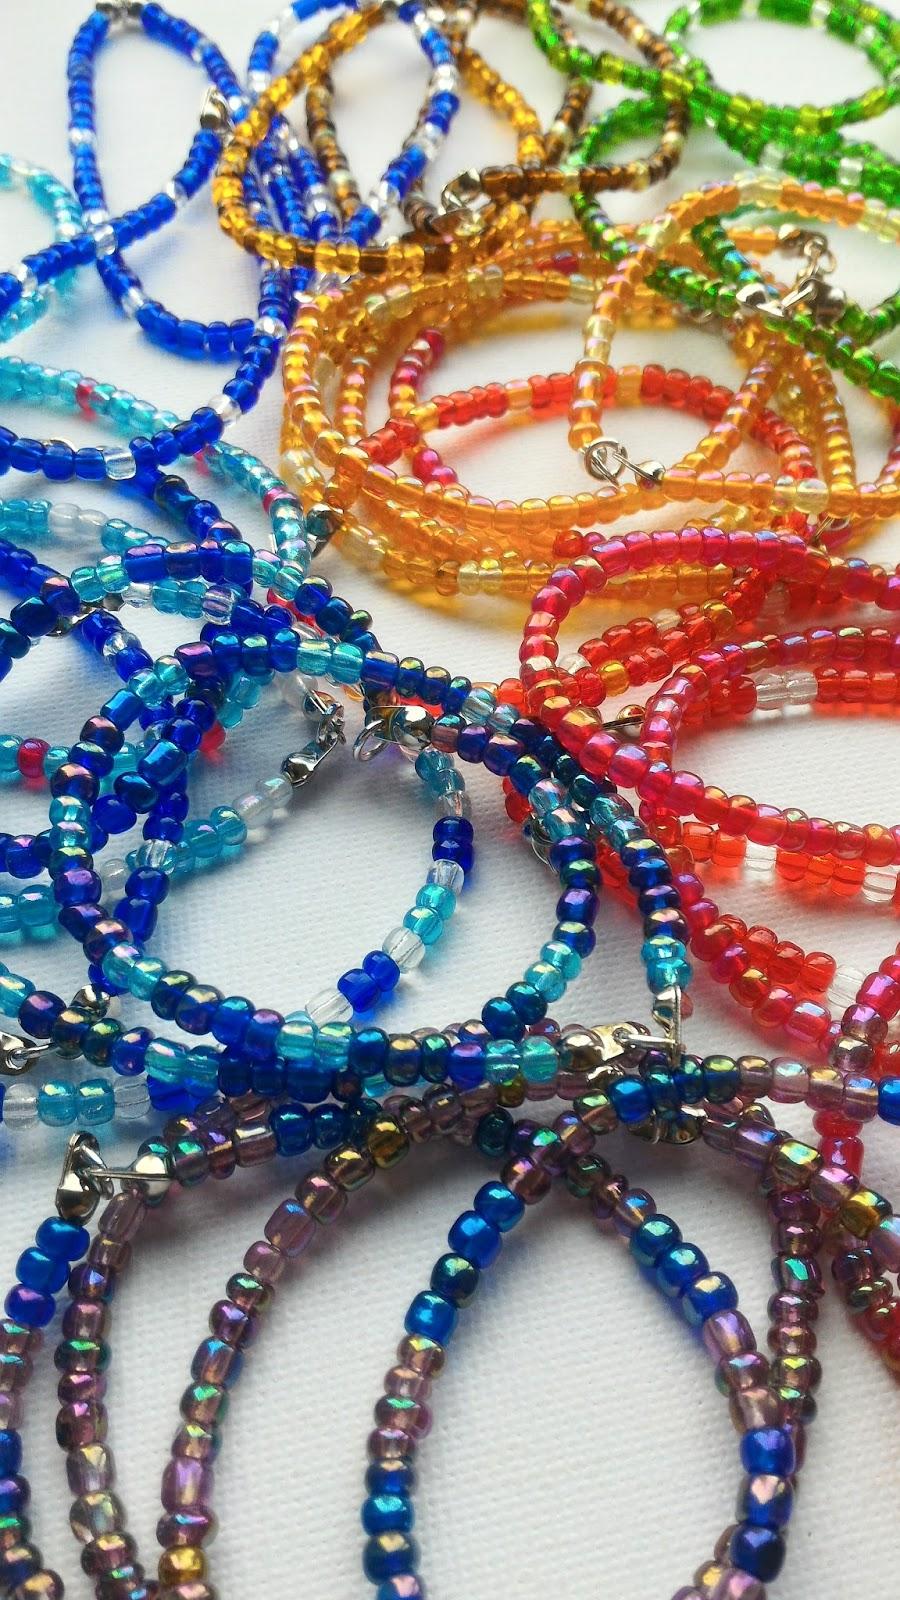 Chagaz Et Vous Bracelet En Perles De Rocaille Facile Et Rapide Diy Tuto